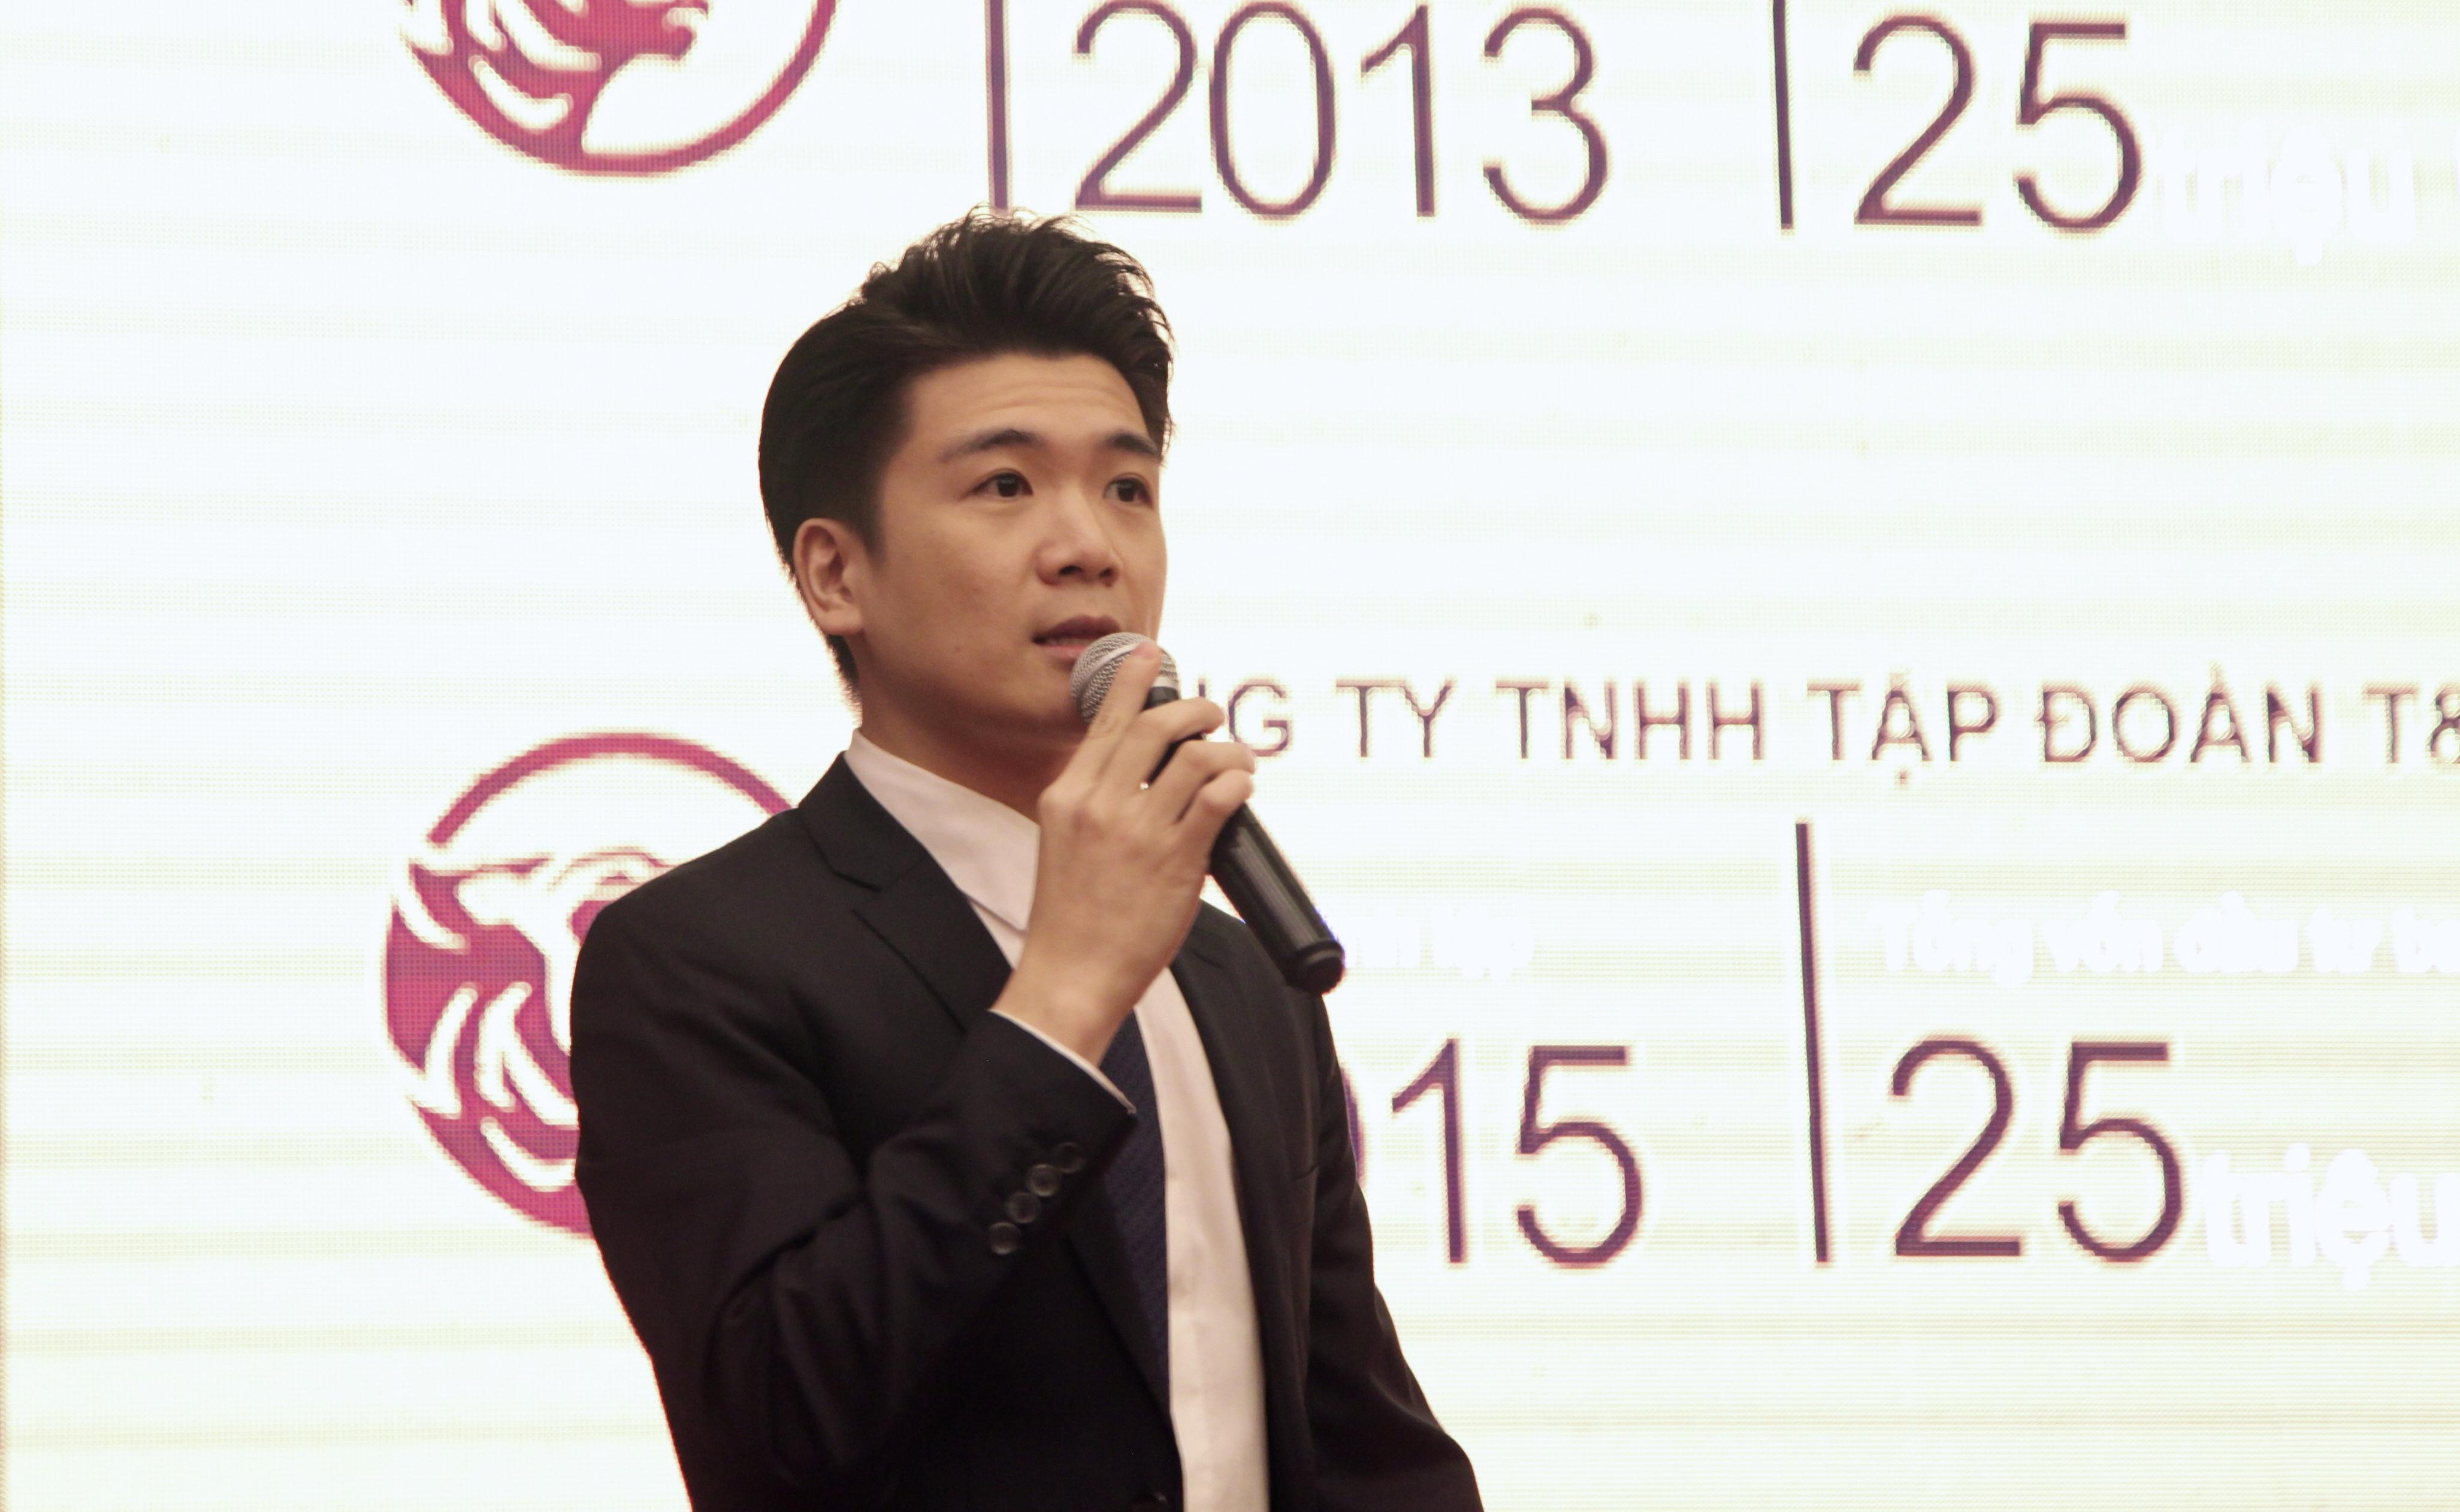 T&T Group và SHB hỗ trợ doanh nghiệp Việt chinh phục thị trường Mỹ với gói tín dụng 3000 tỷ